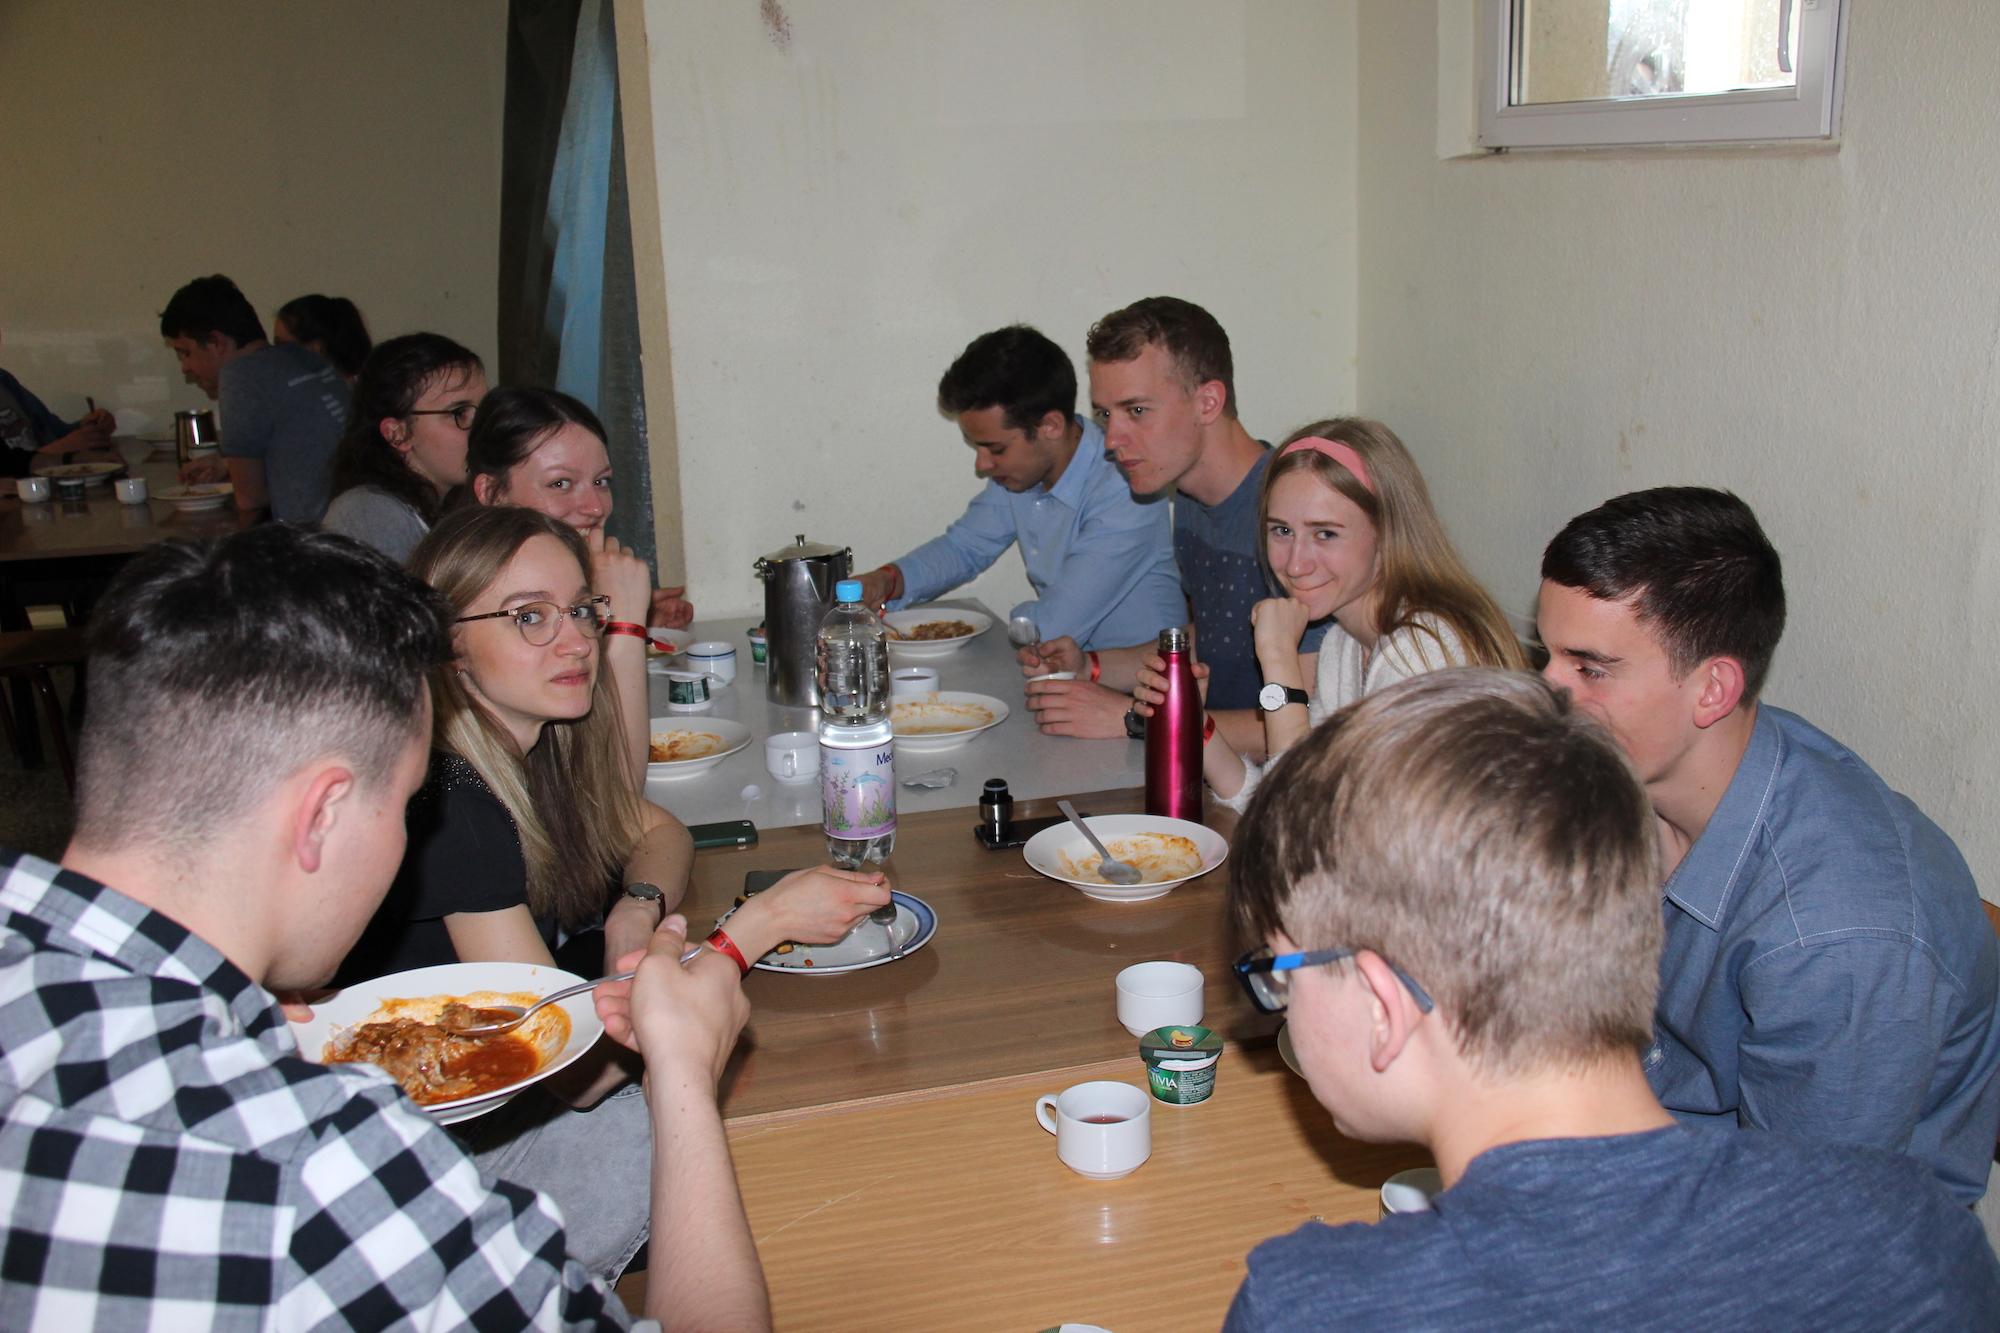 OJT'19 - Gemeinsam essen